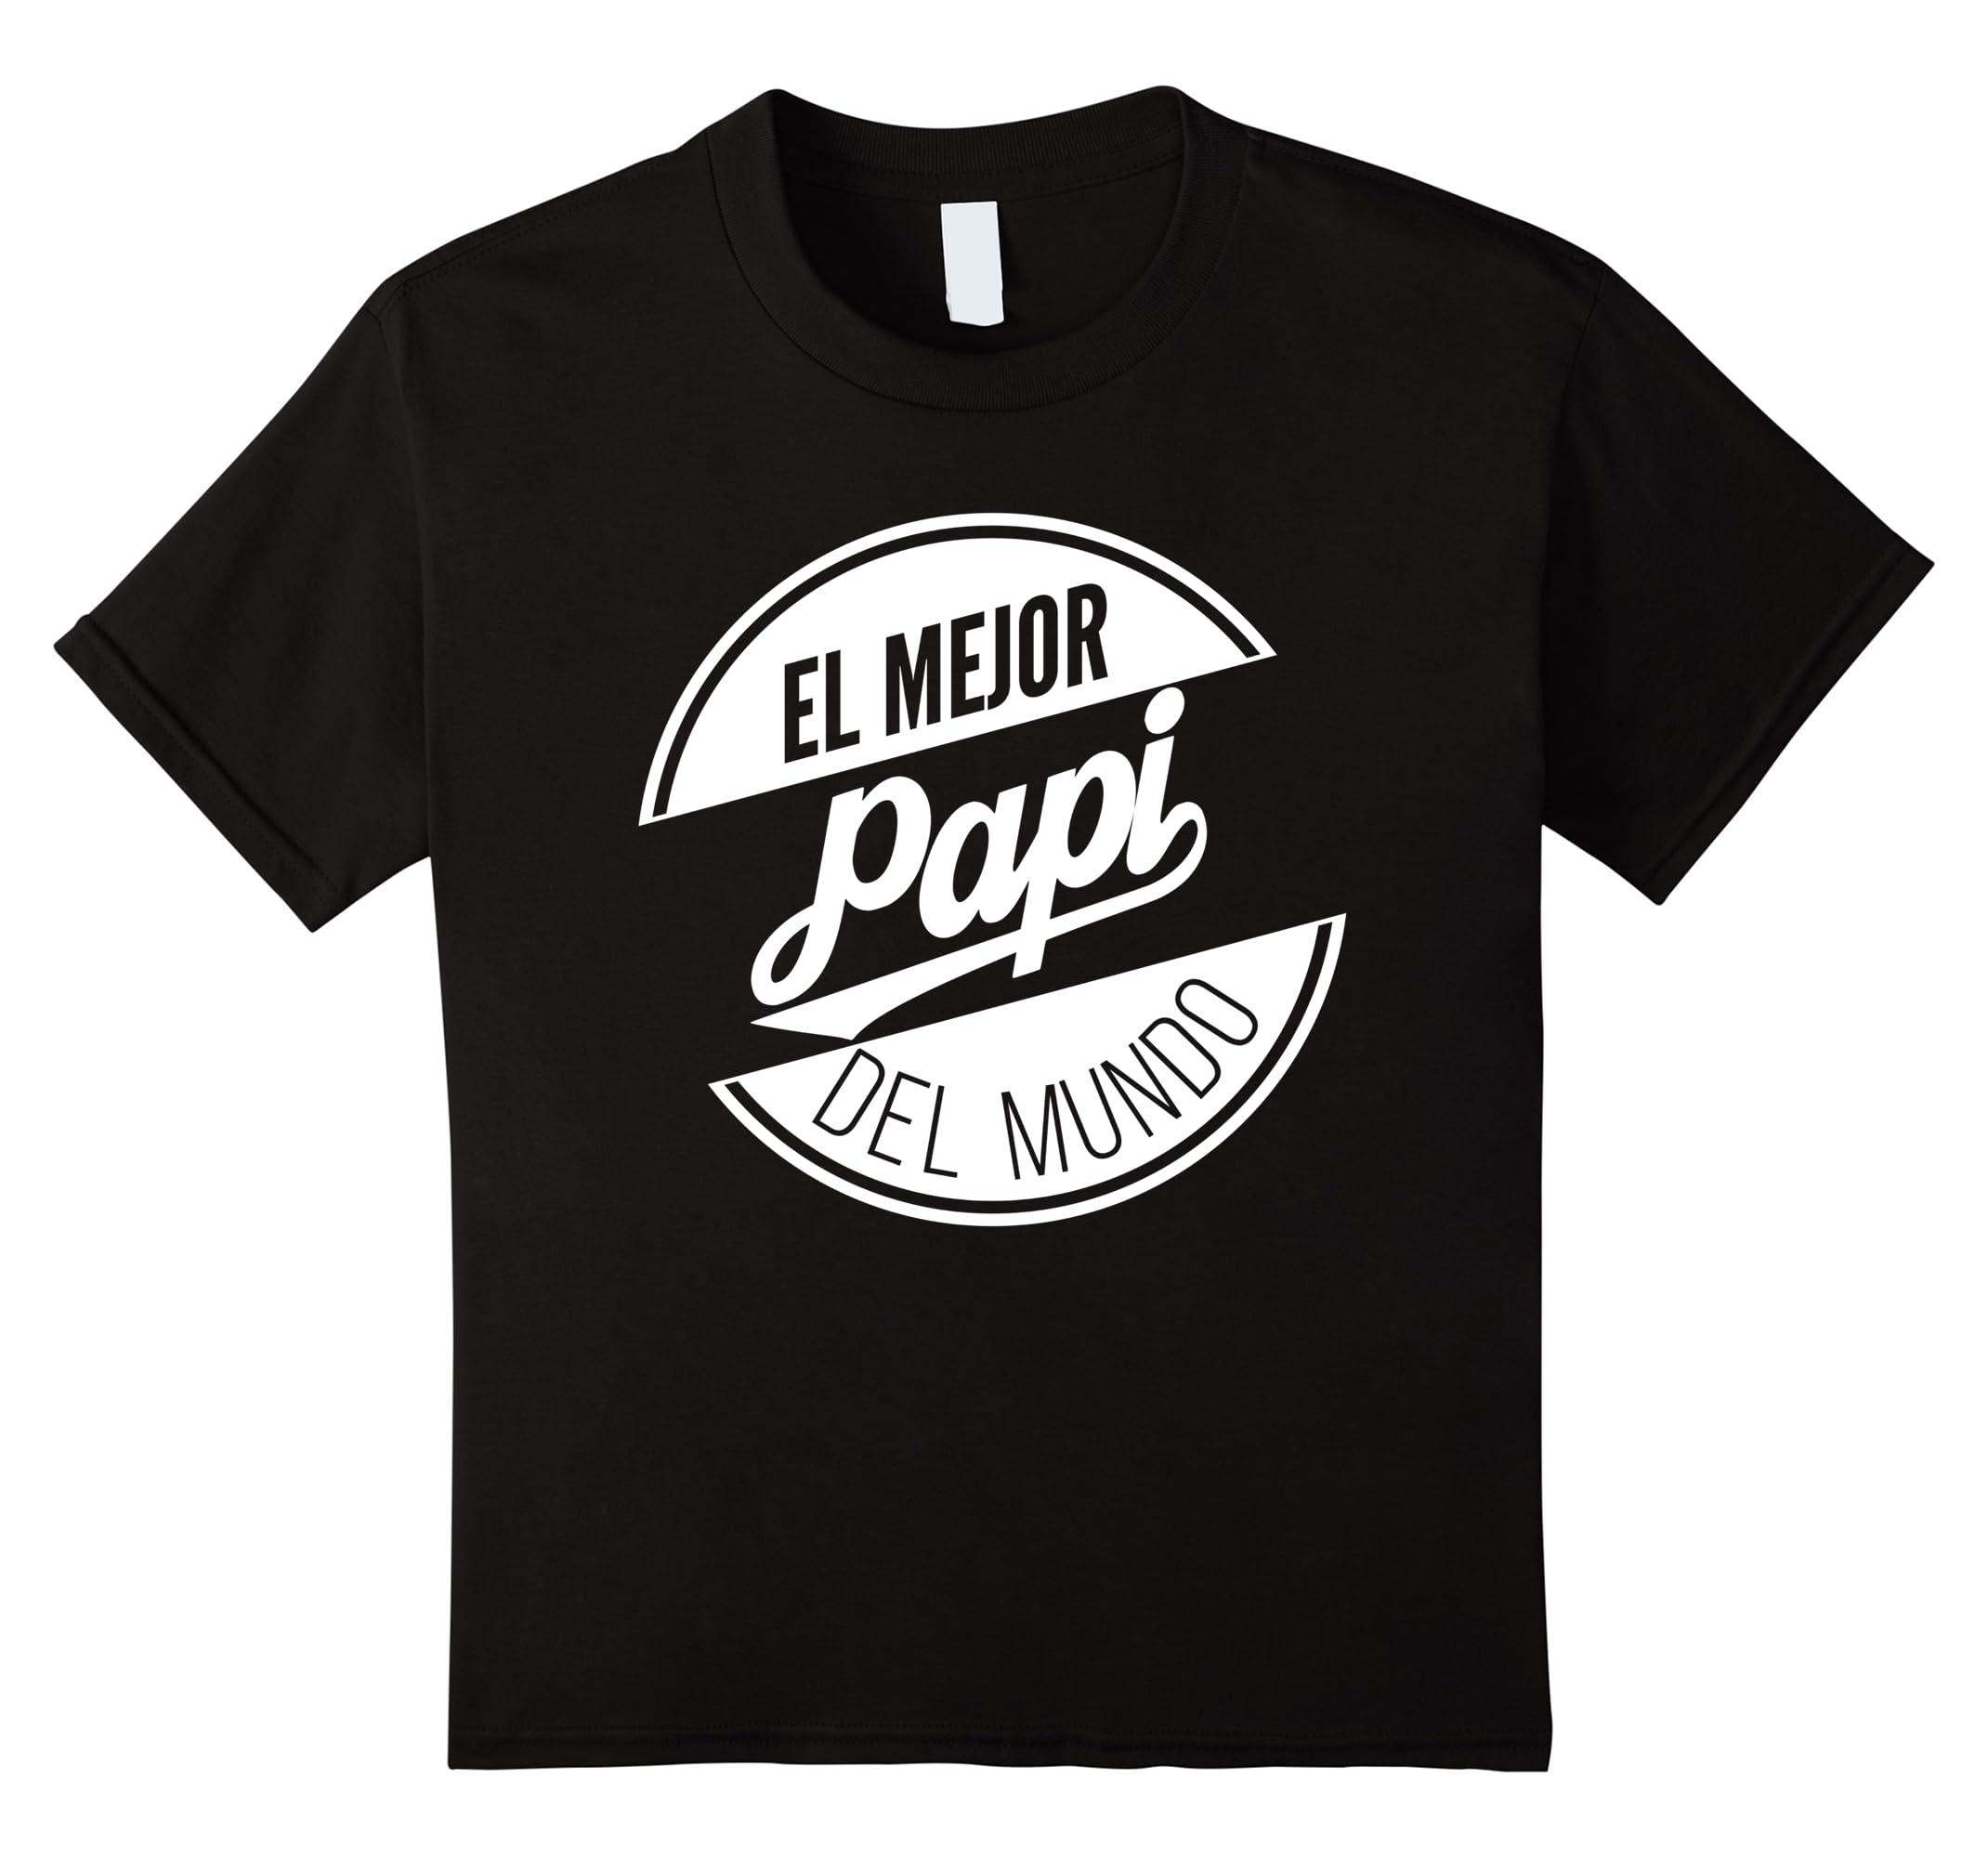 Amazon.com: El Mejor Papi Del Mundo Camiseta - Official T-Shirt: Clothing